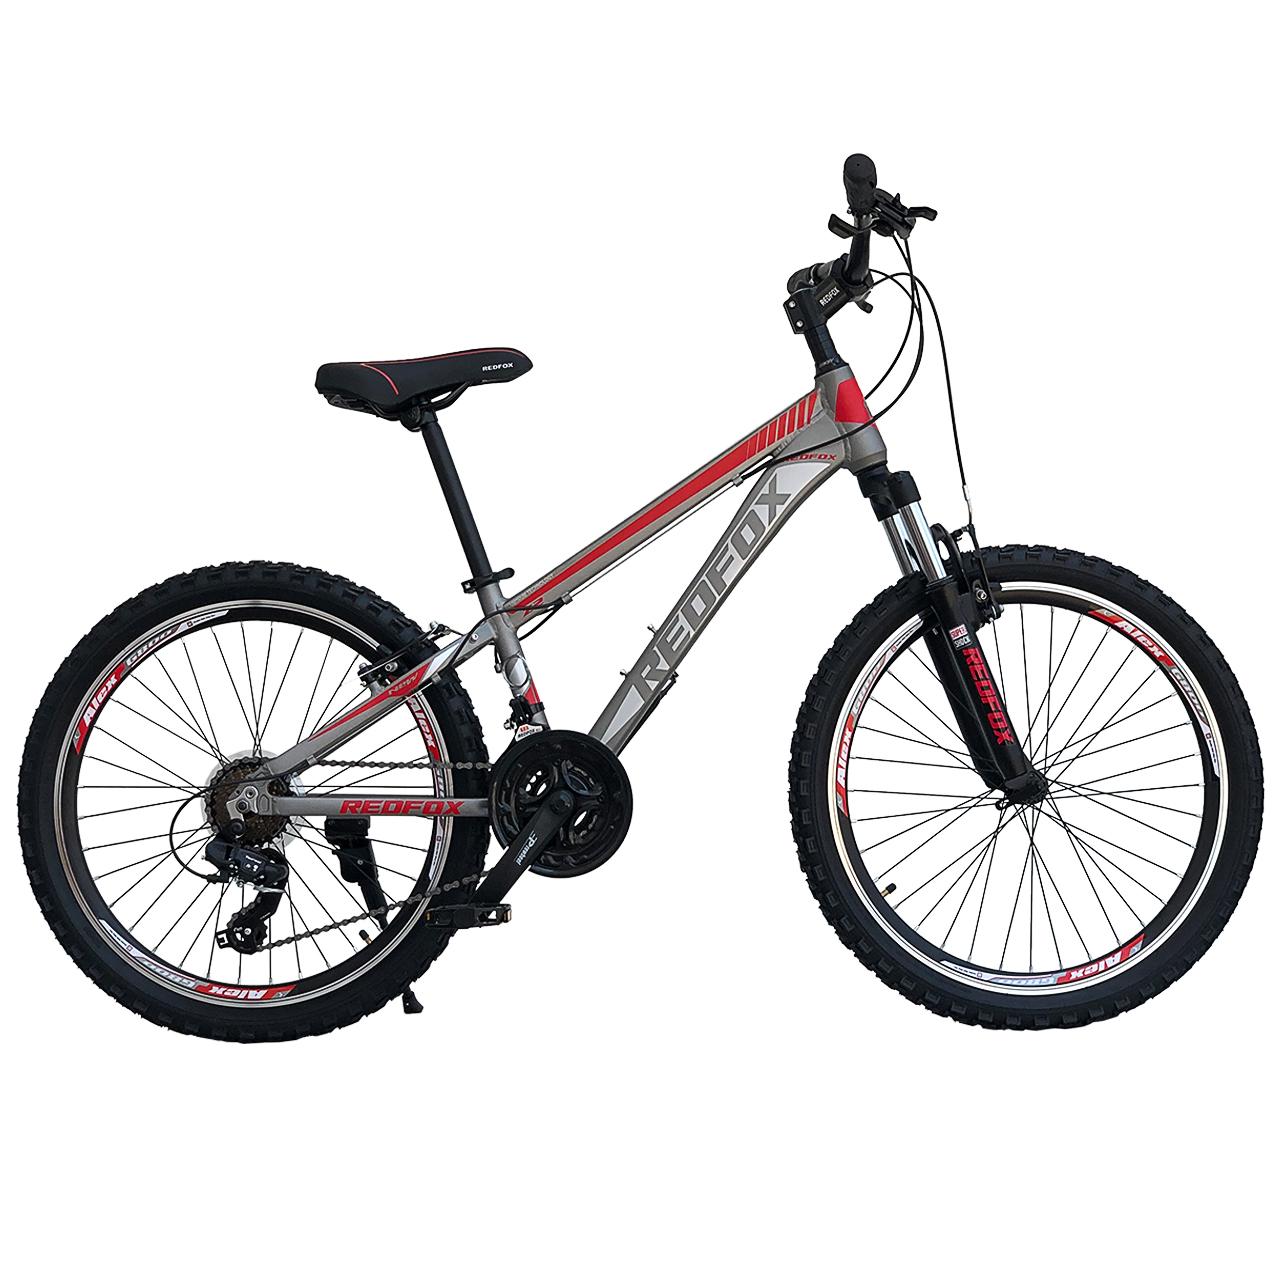 دوچرخه کوهستان ردفوکس مدل Z4 سایز 24